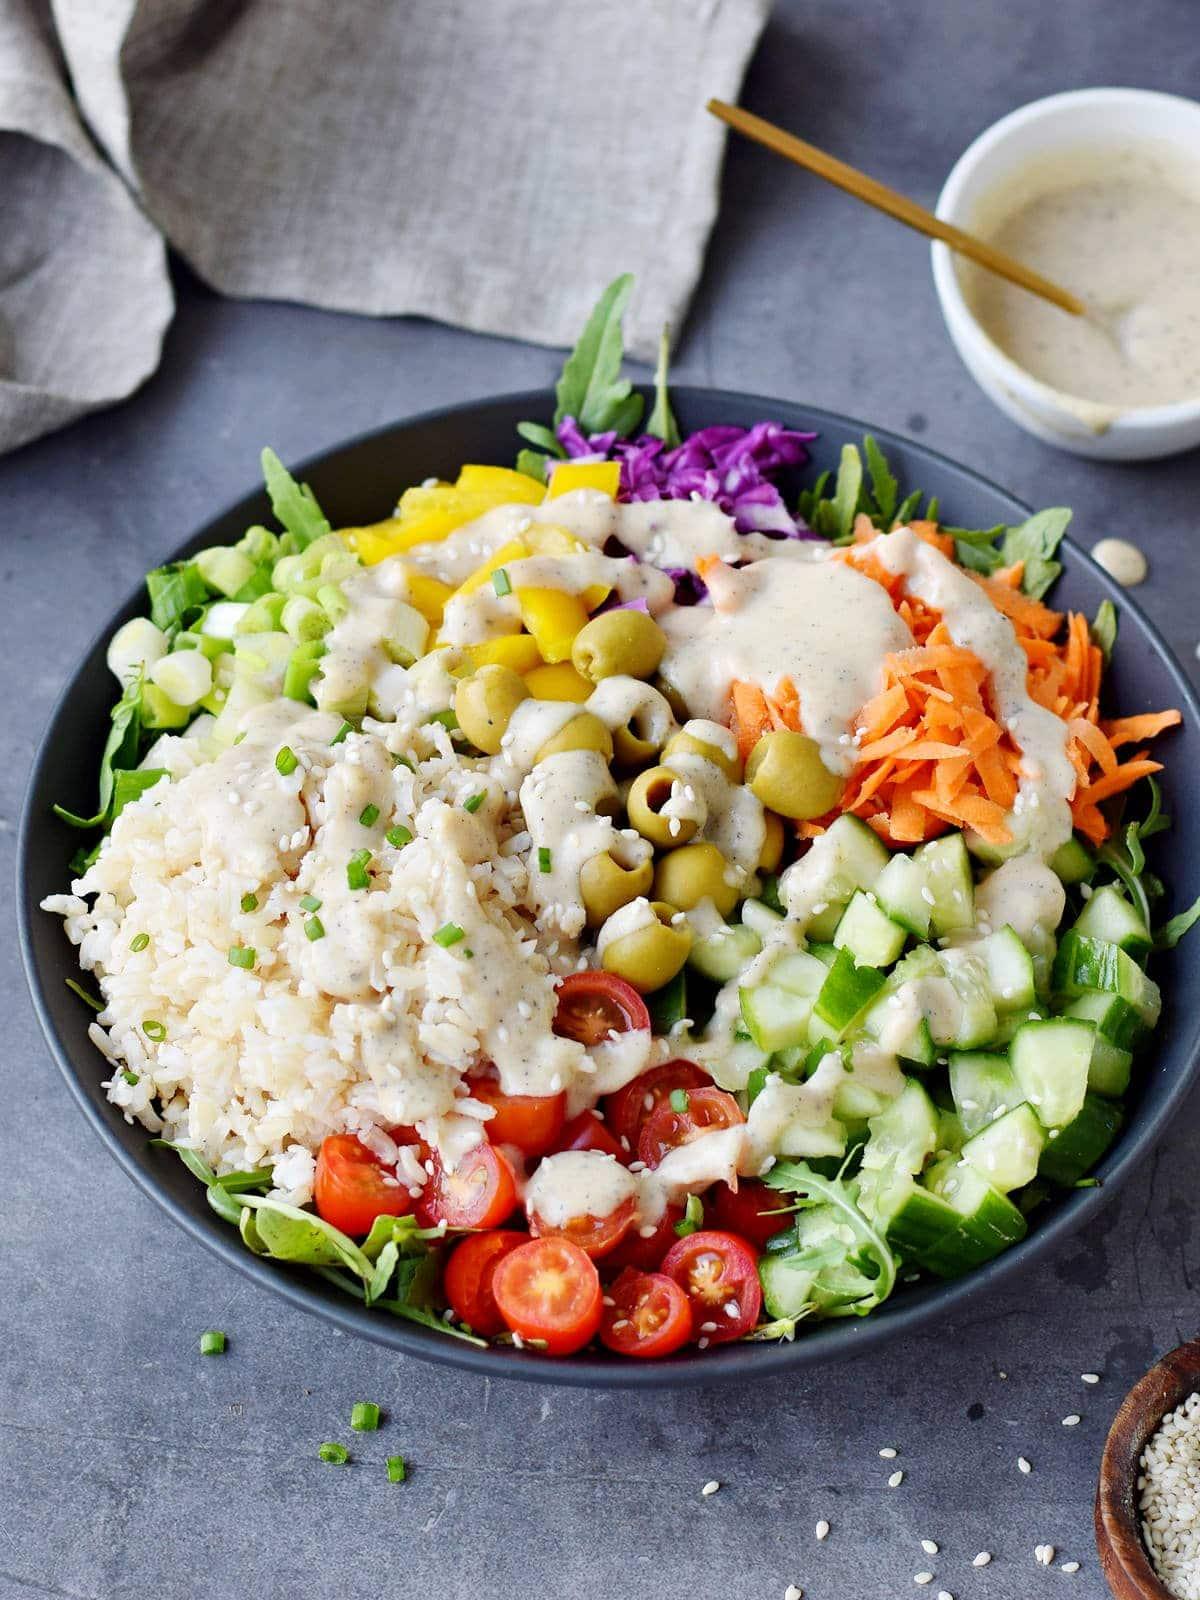 brauner Reissalat mit Gemüse und cremigen Dressing